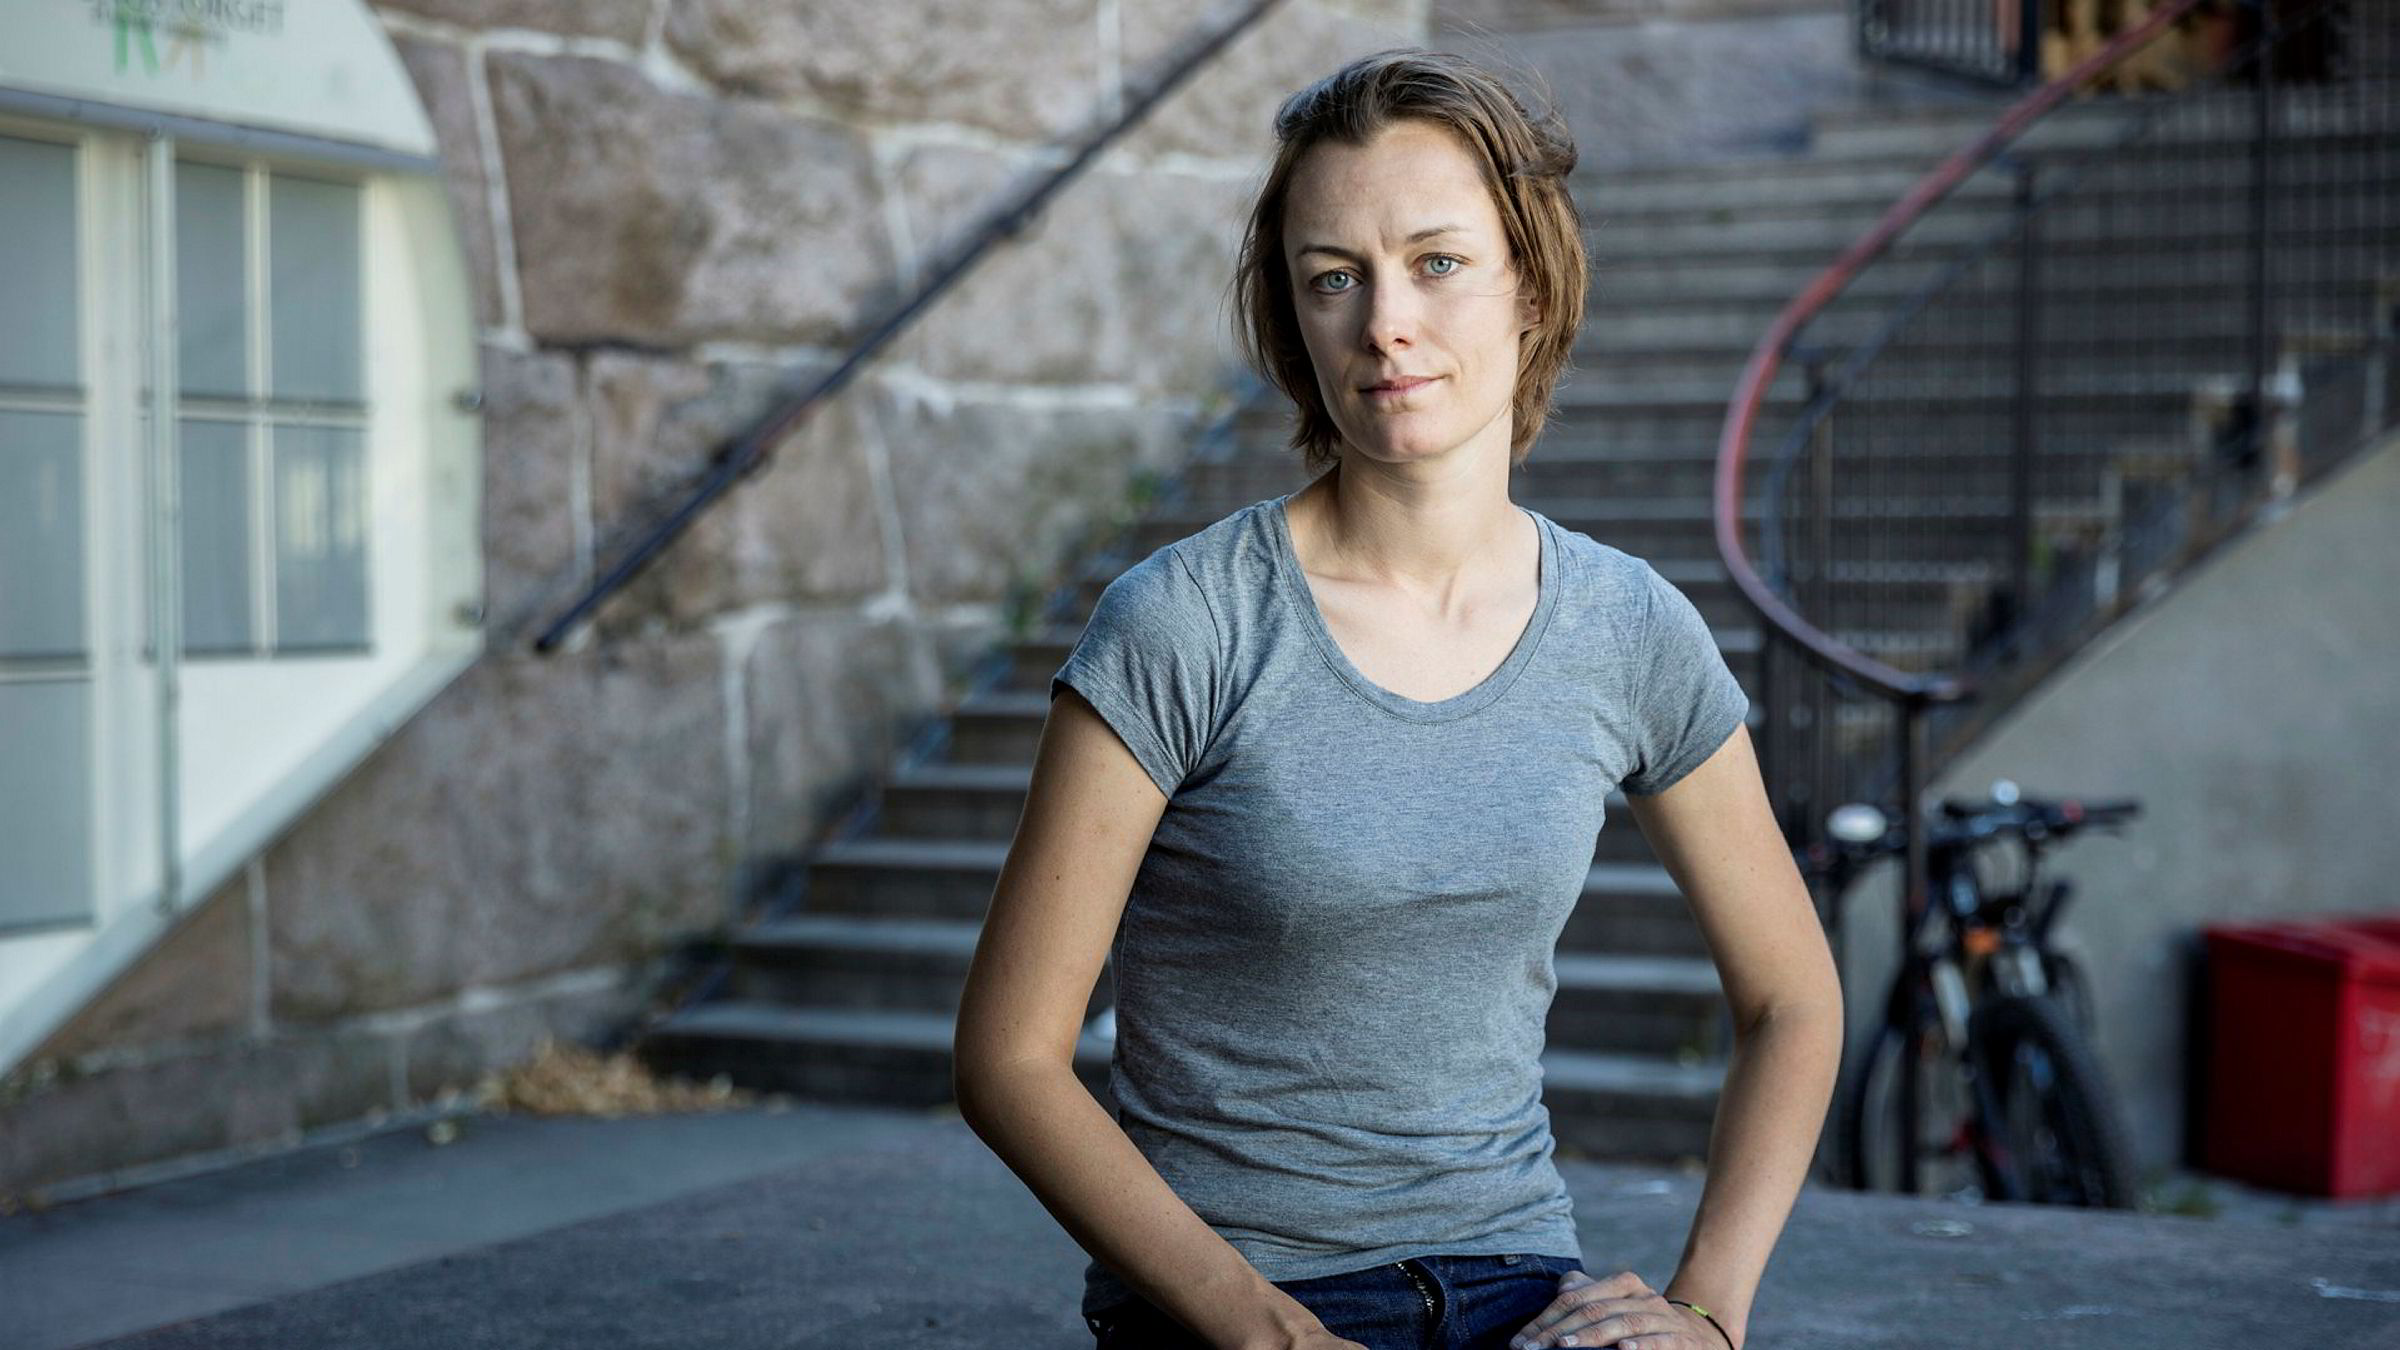 Arbeiderpartiets Anette Trettebergstuen reagerer på kritikken mot Katharina Andresen i debatten om Innovasjon Norge-ansettelsen.